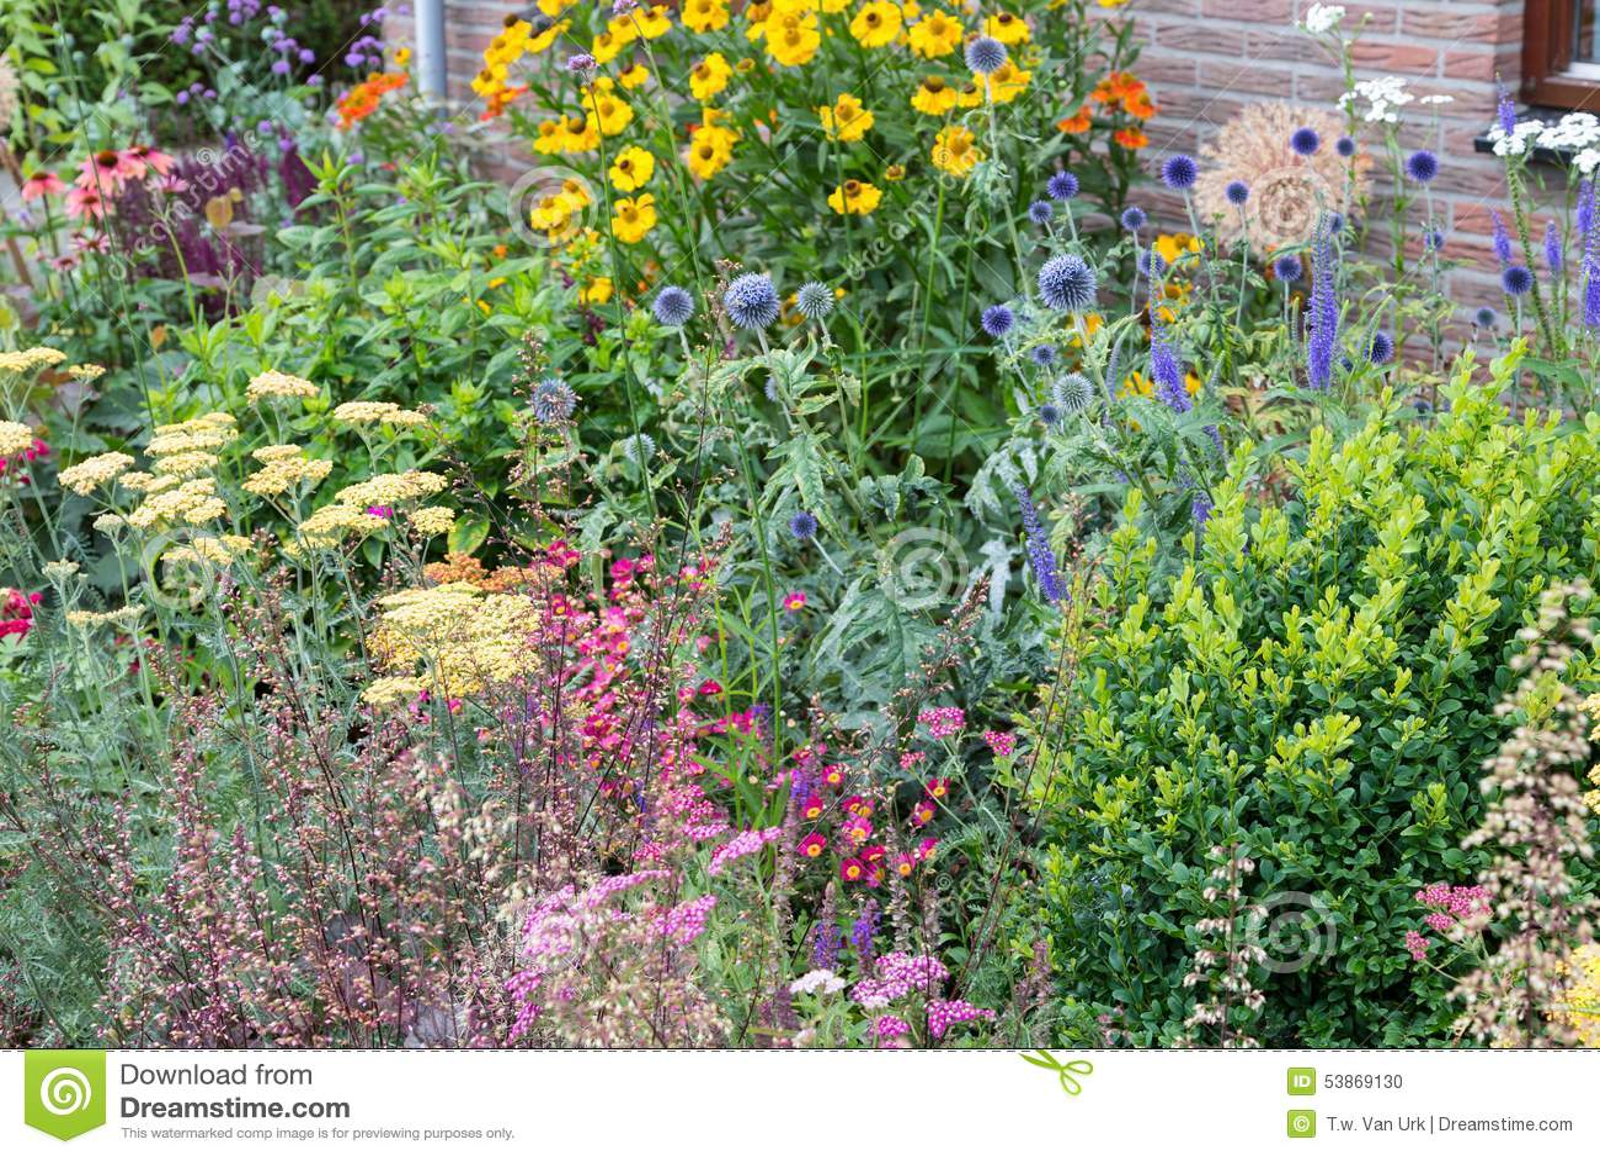 Haus Hat Vorgarten Mit Einigen Blühenden Pflanzen Stockfoto - Bild ...